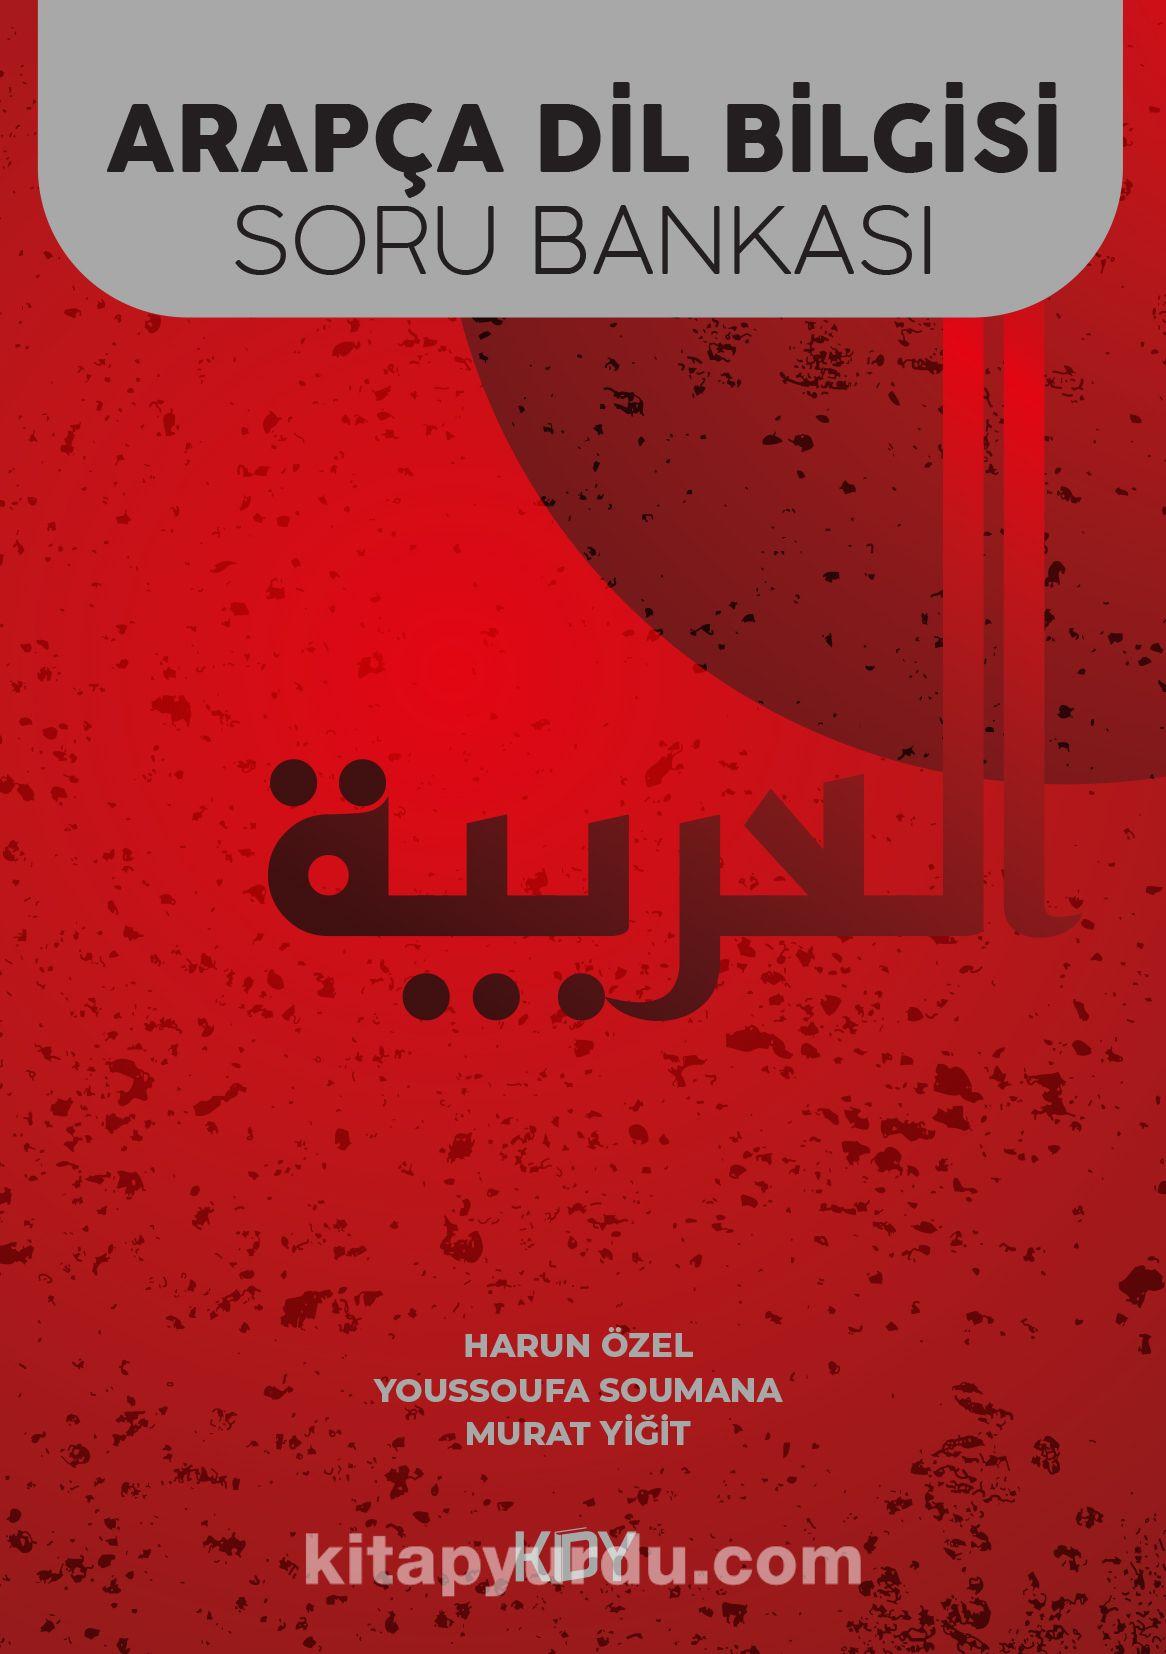 Arapça Dil Bilgisi Soru Bankası  PDF Kitap İndir